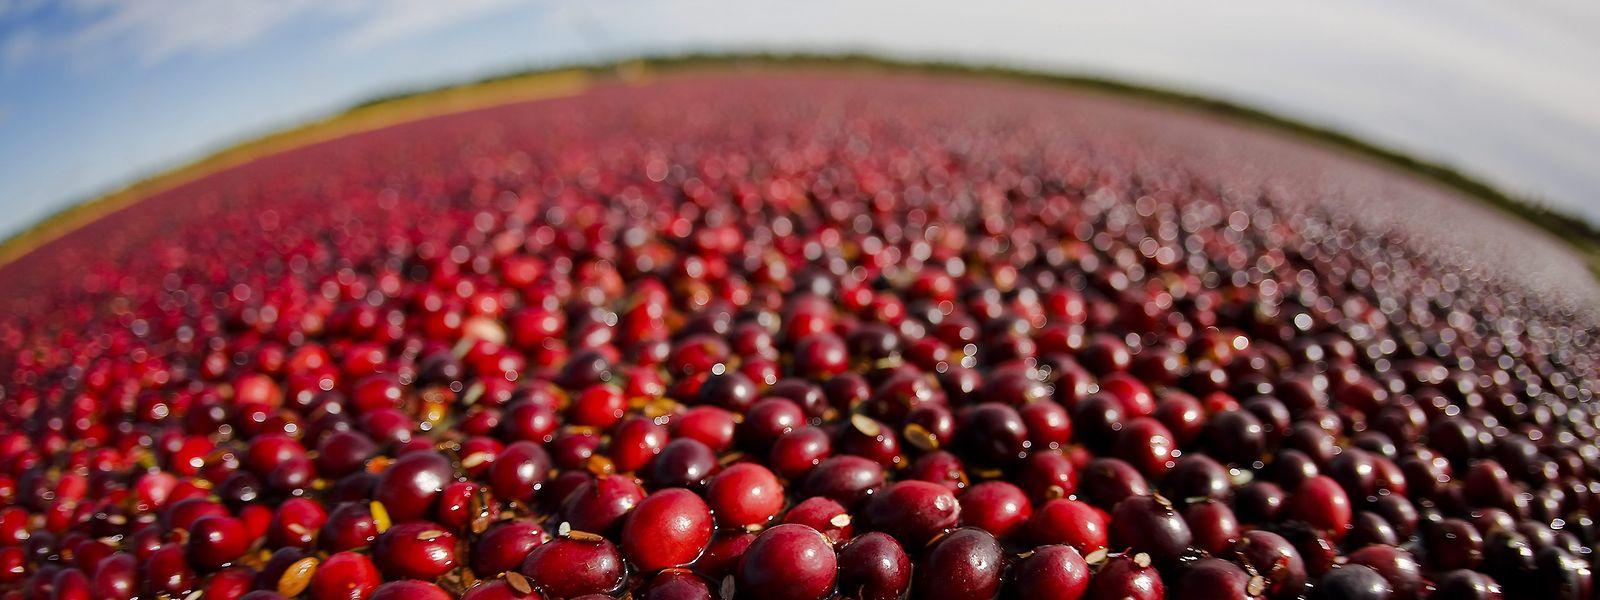 Auch die Einfuhr von Cranberries aus den USA sind von den neuen EU-Zöllen betroffen.